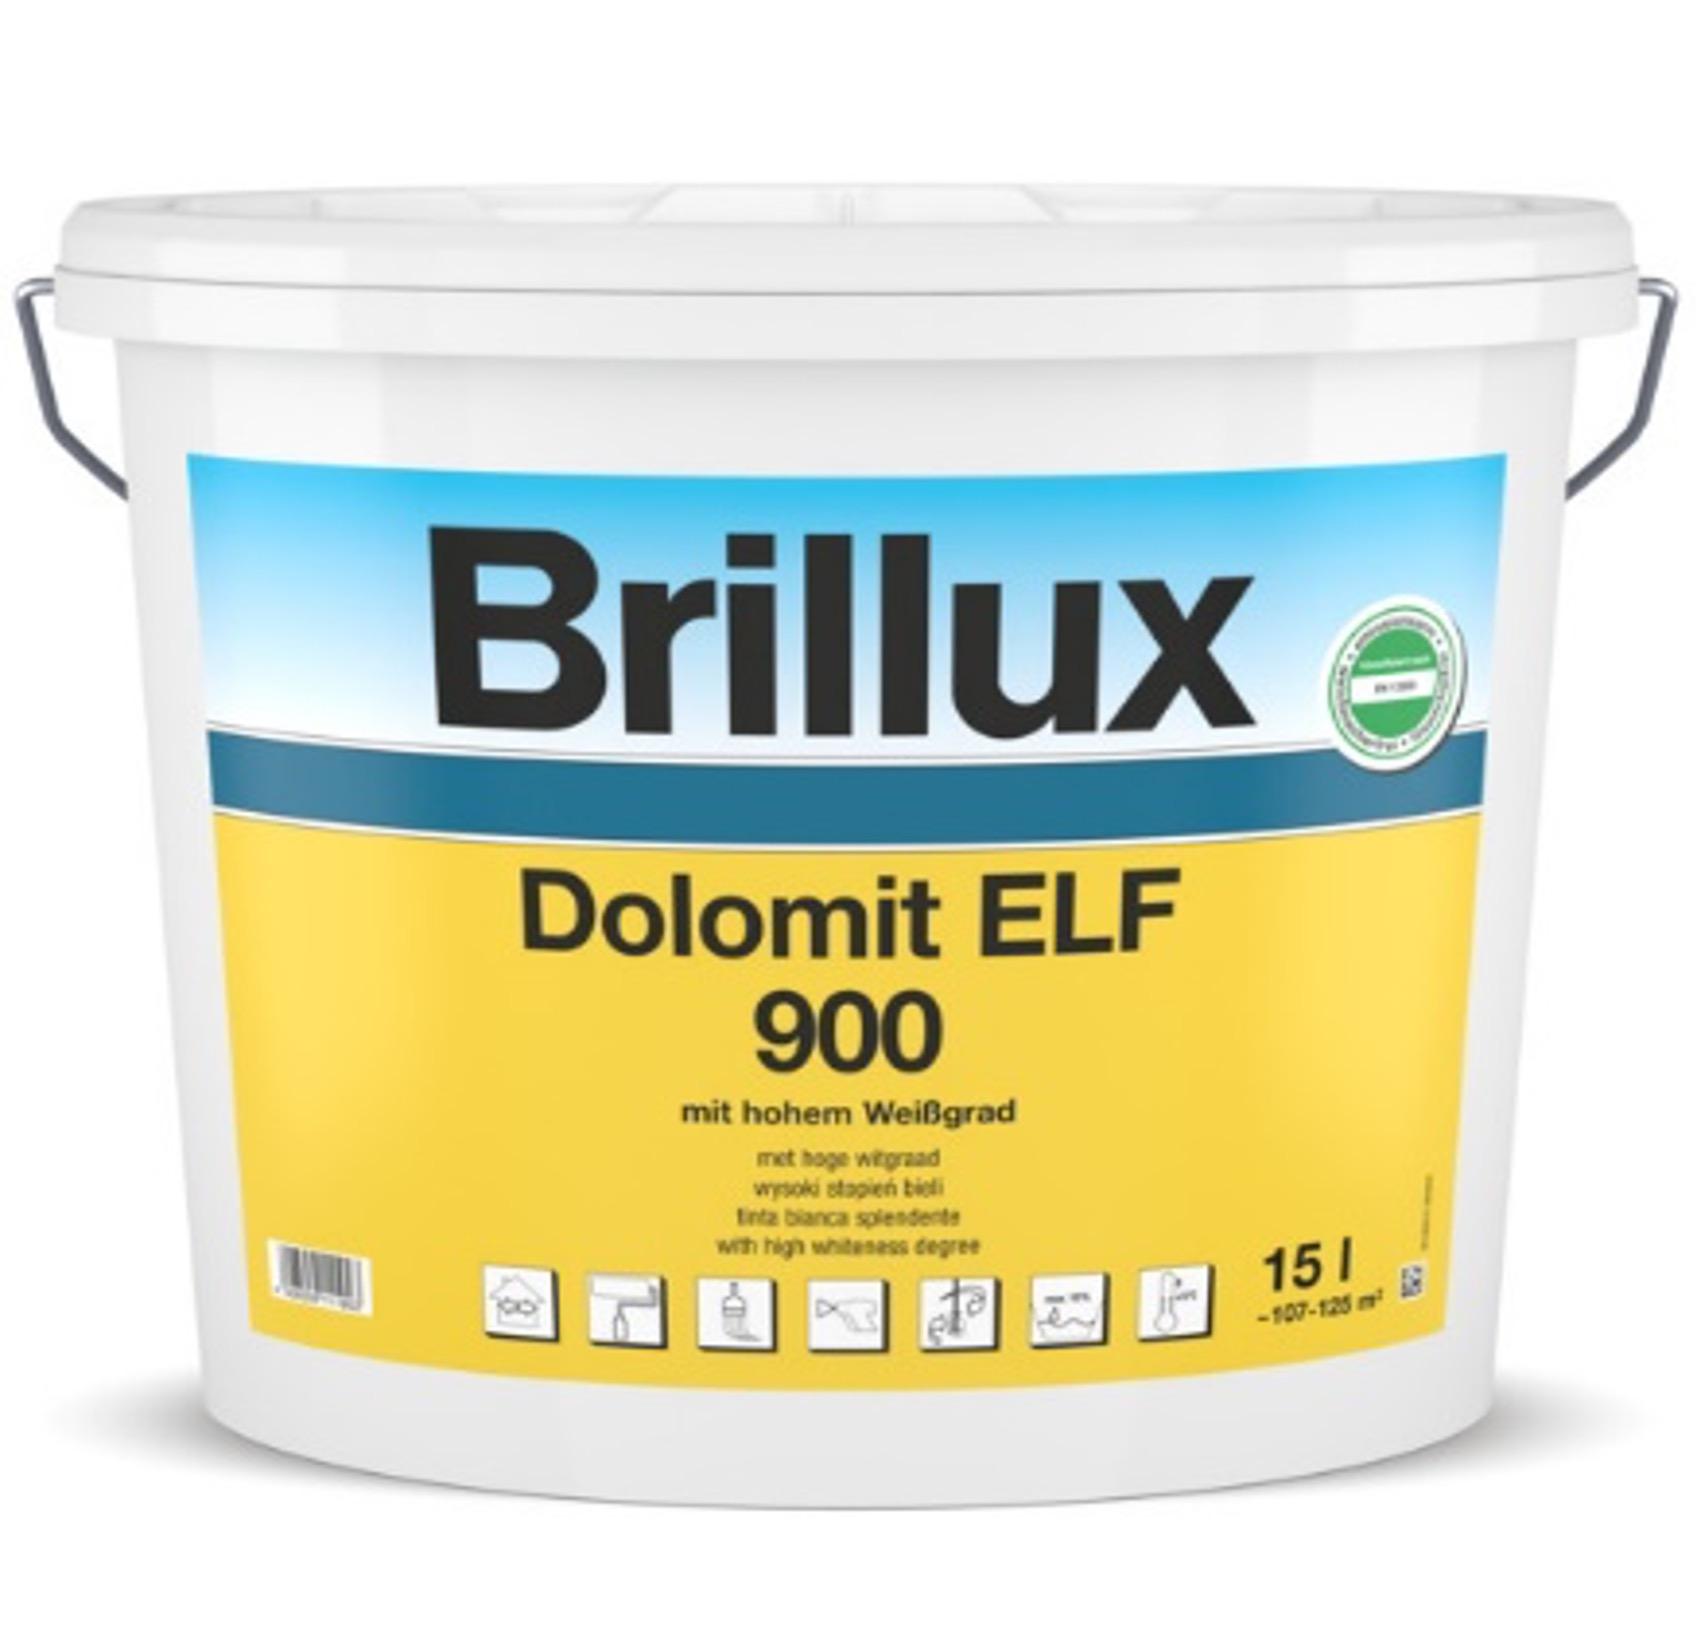 Brillux Dolomit 900 Wand- und Deckenfarbe Image